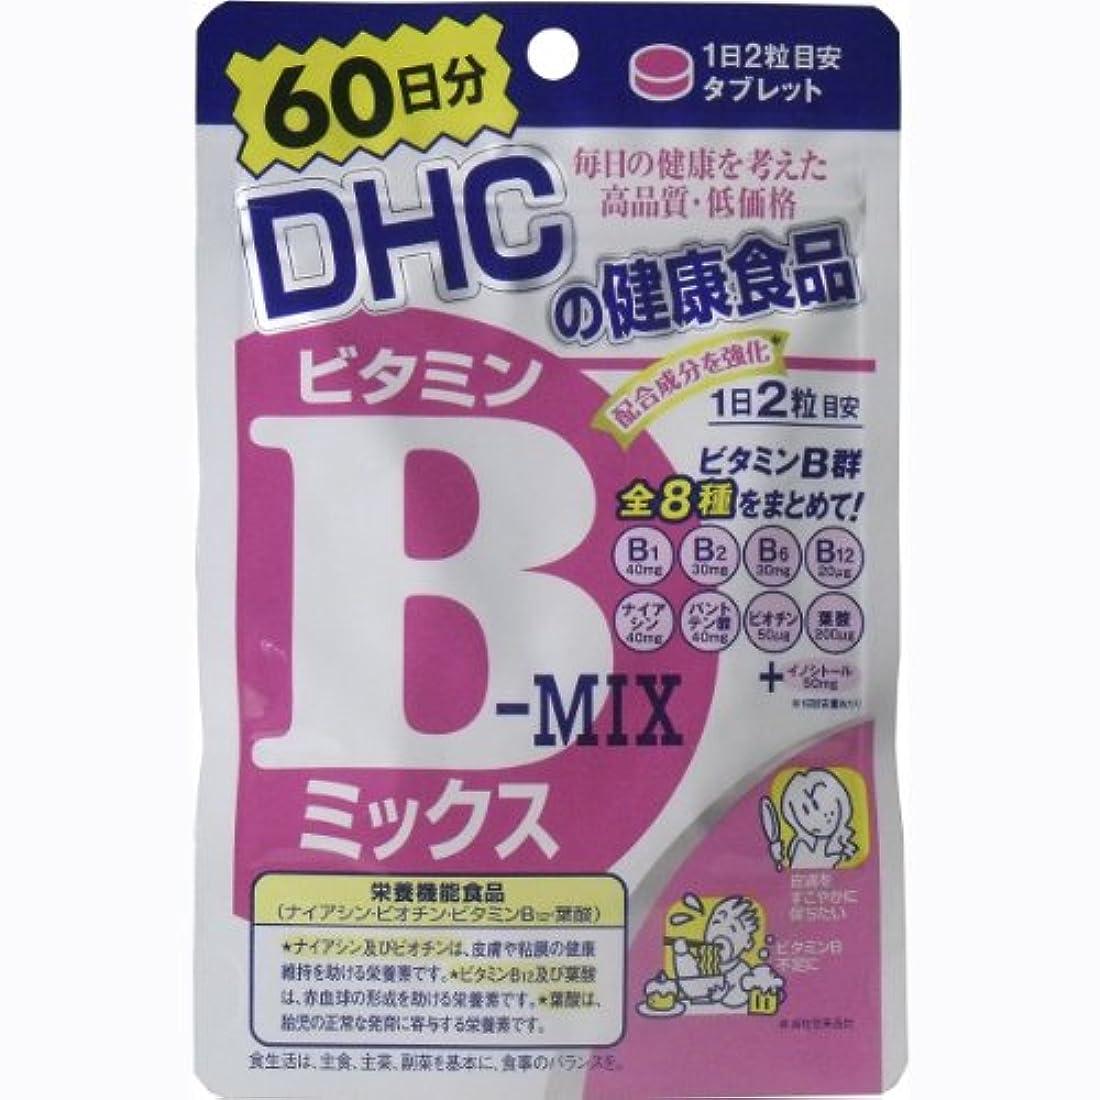 レスリングリーダーシップかろうじてDHC ビタミンBミックス 120粒 60日分 ×5個セット